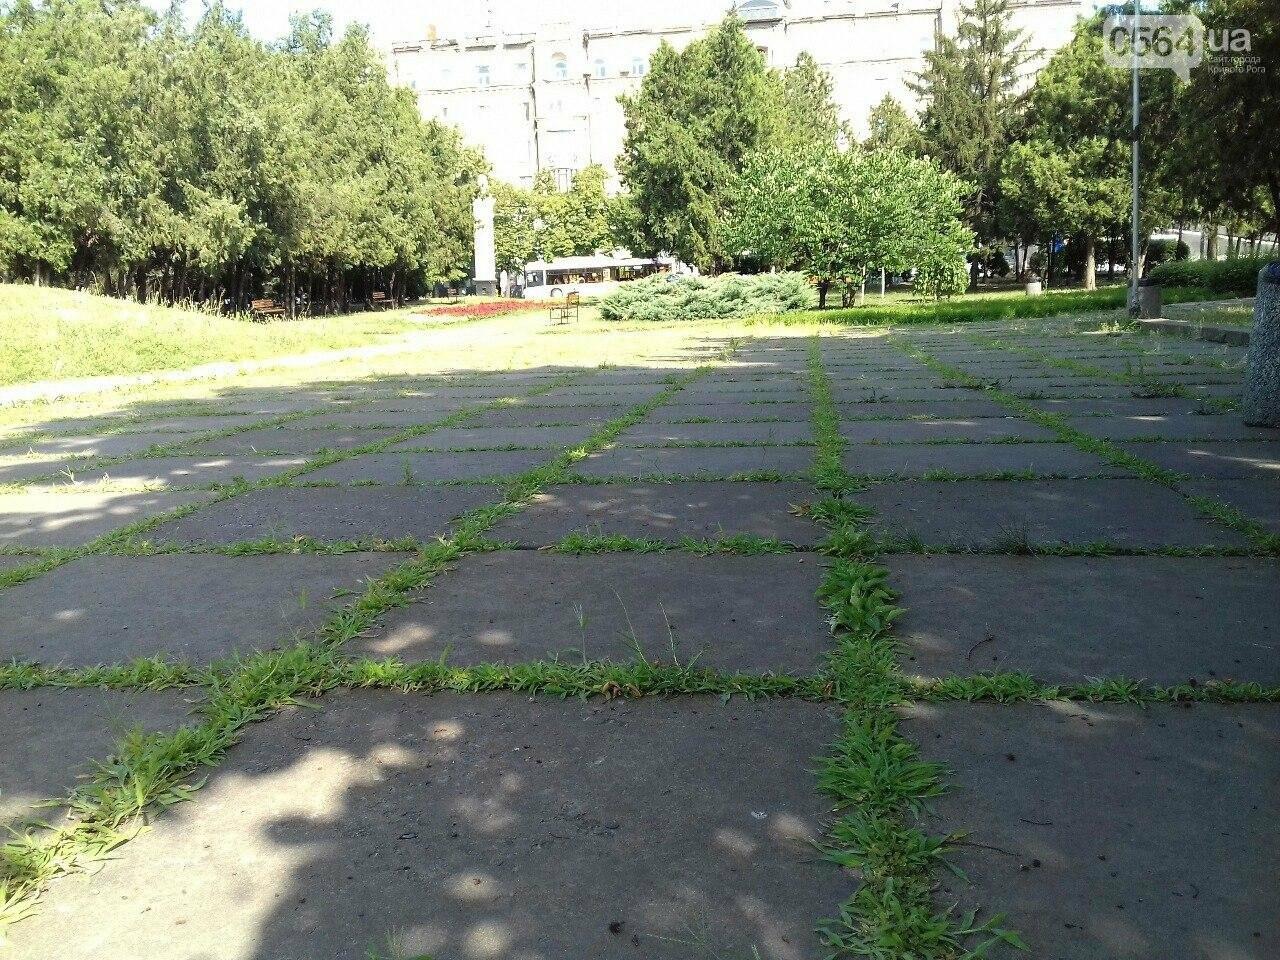 В сквере на центральной площади Кривого Рога воцарилась разруха, - ФОТО, фото-11